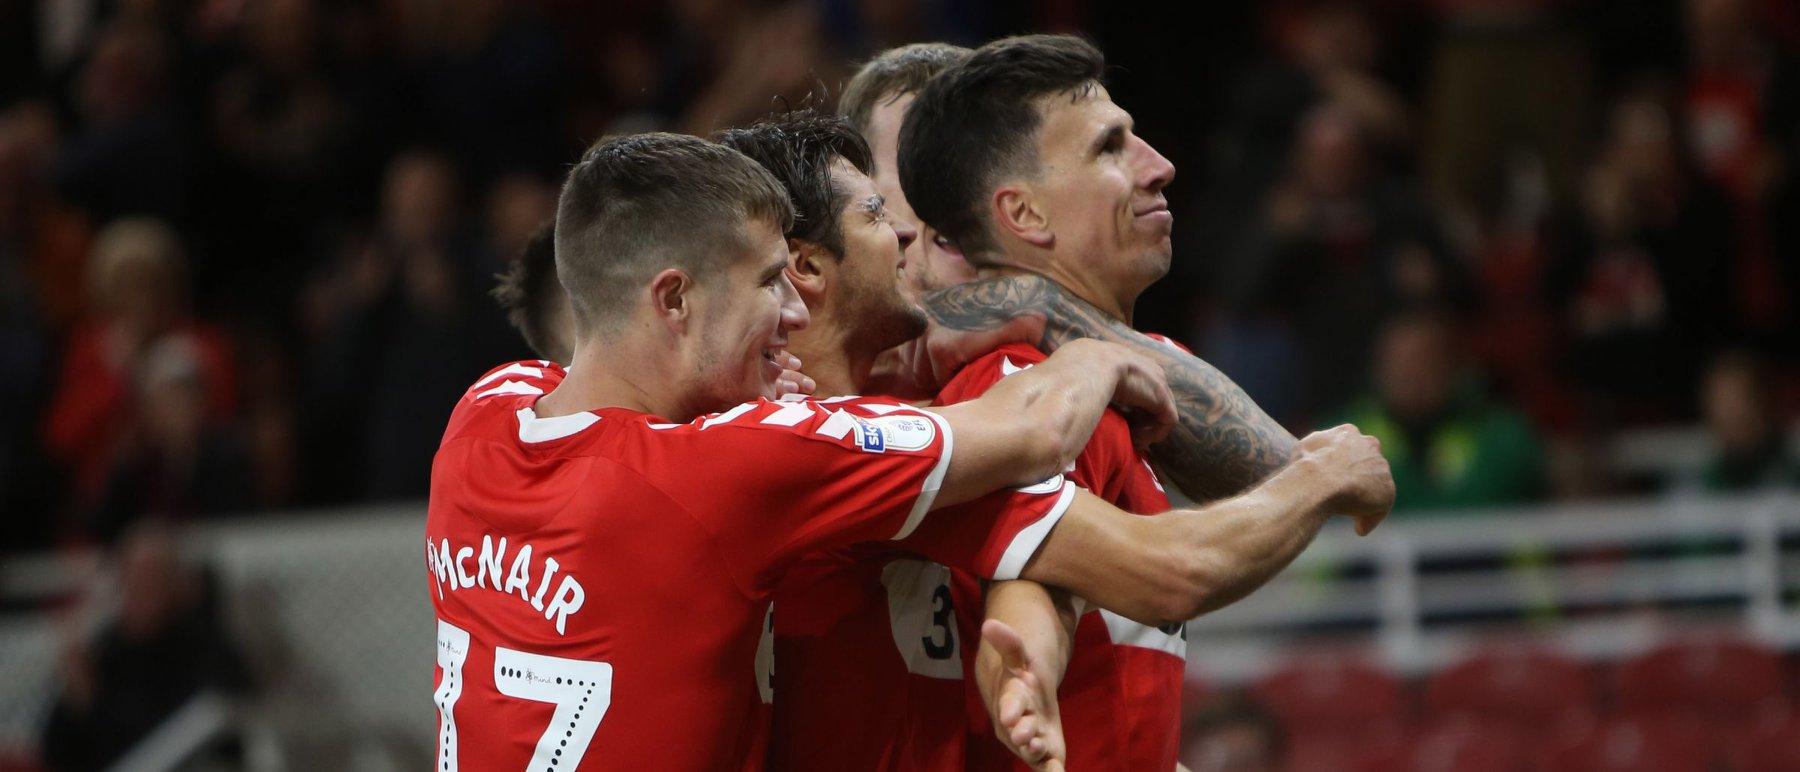 Middlesbrough-Brentford 9 marzo: si gioca per la 36 esima giornata della Serie B inglese. Locali in cerca di punti play-off.